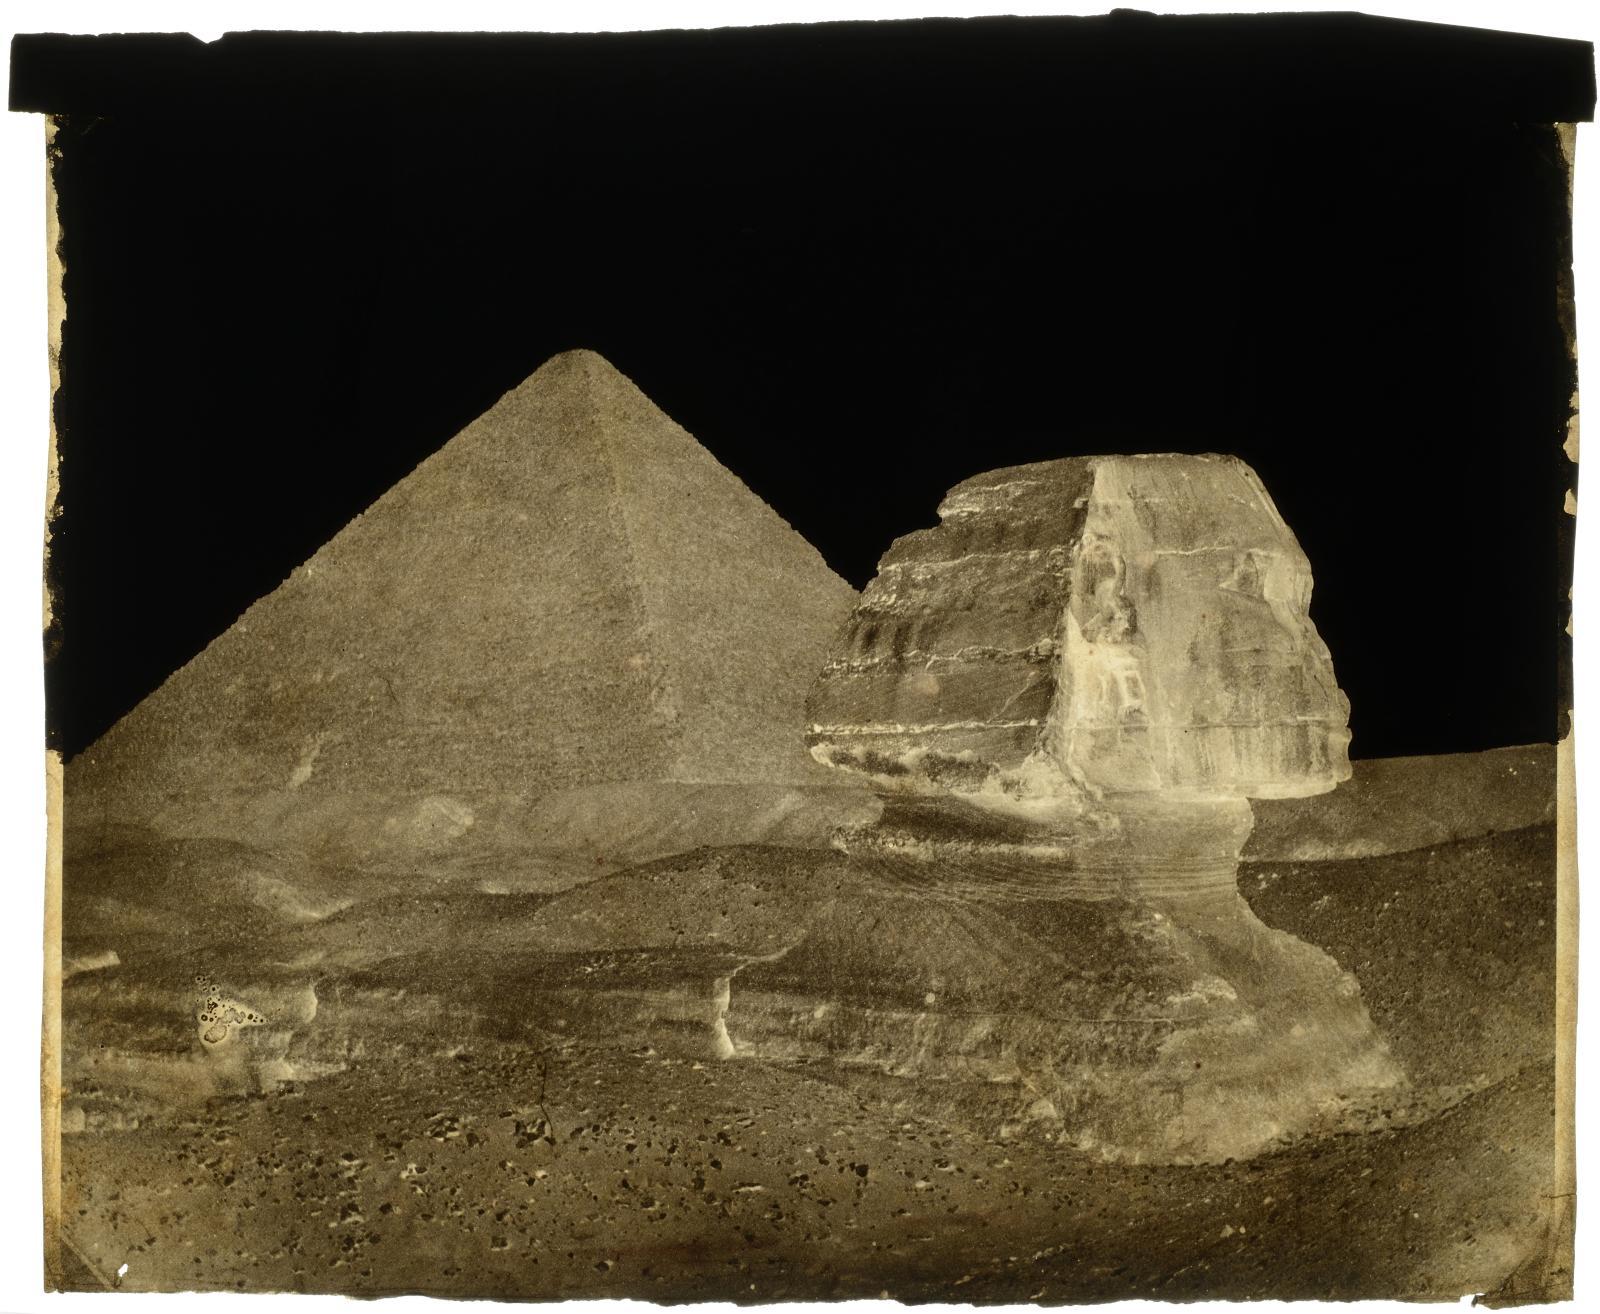 François Joseph Édouard de Campigneulles (1826-1879), La Grande Pyramide et le Sphinx, Ghiseh, 1858, négatif sur papier ciré, rehauts de gouache noire